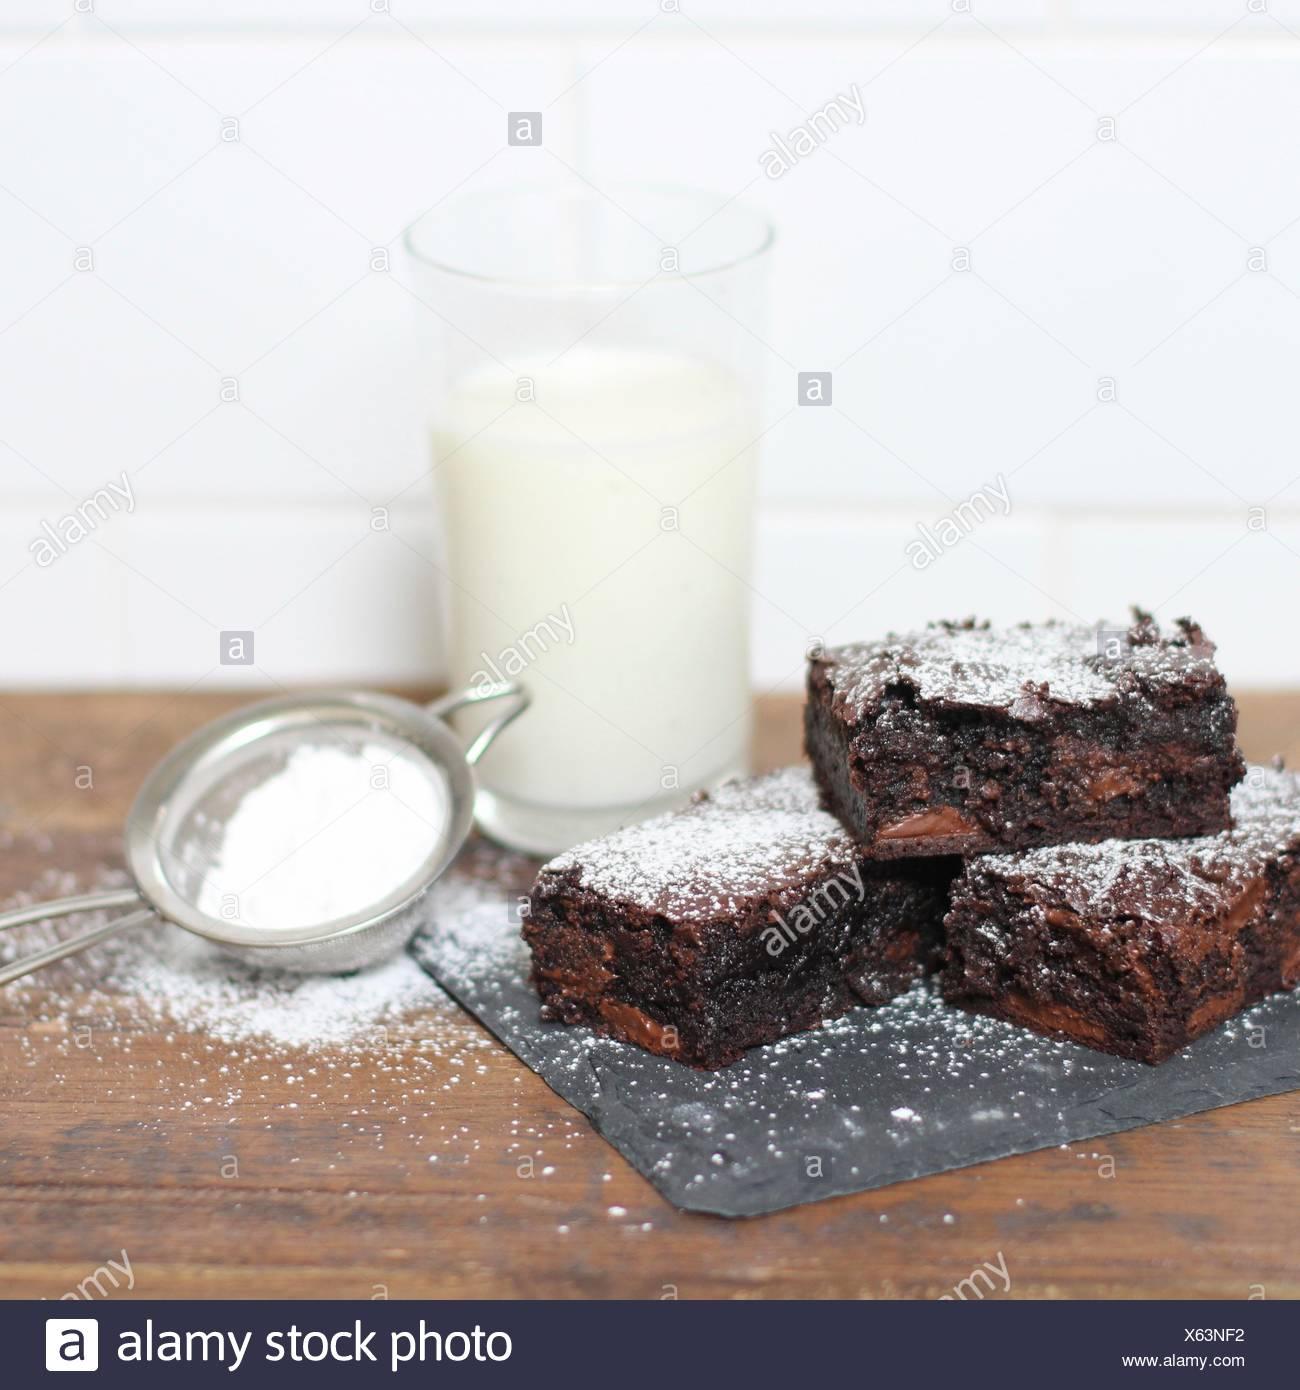 Brownies de chocolate espolvoreado con azúcar glas y vaso de leche Imagen De Stock